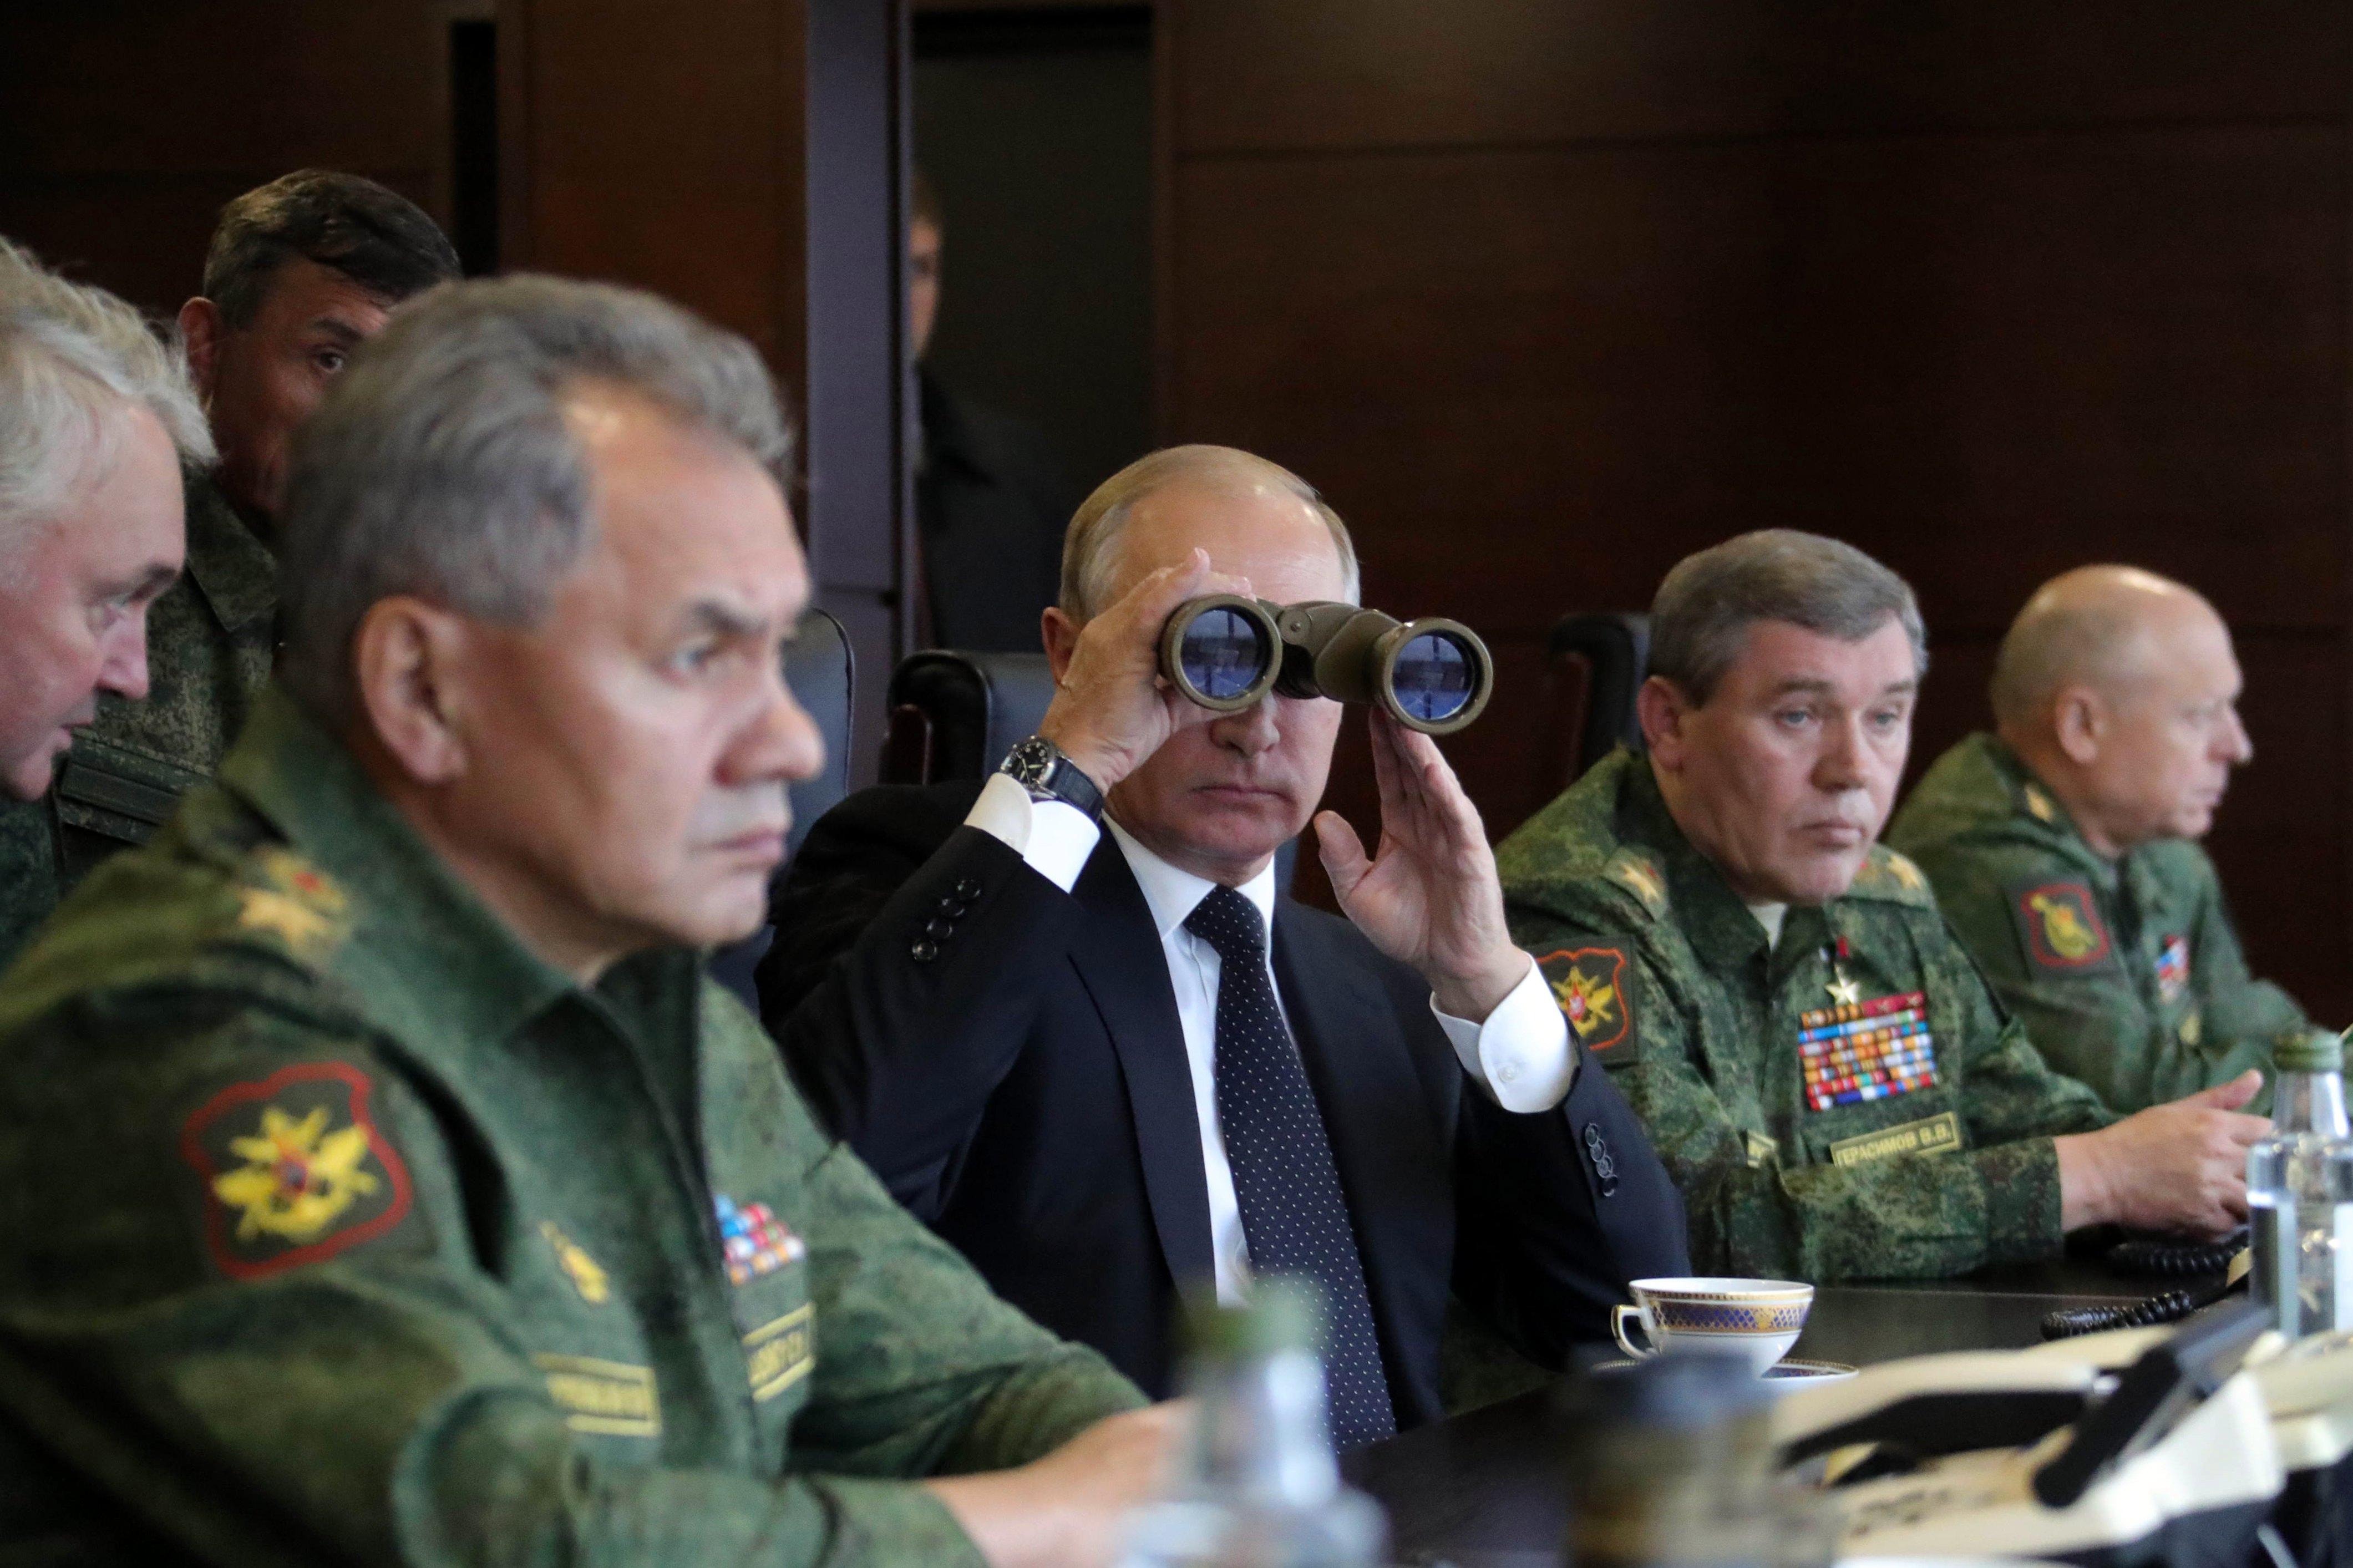 """Ученията """"Запад 2017"""" се превърнаха в една от най-обсъжданите военни тренировки в света. Те сериозно уплашиха НАТО, САЩ и руските съседи. А Русия показа новата си модерна армия и оръжия, някои от които превъзхождат западните им аналози."""